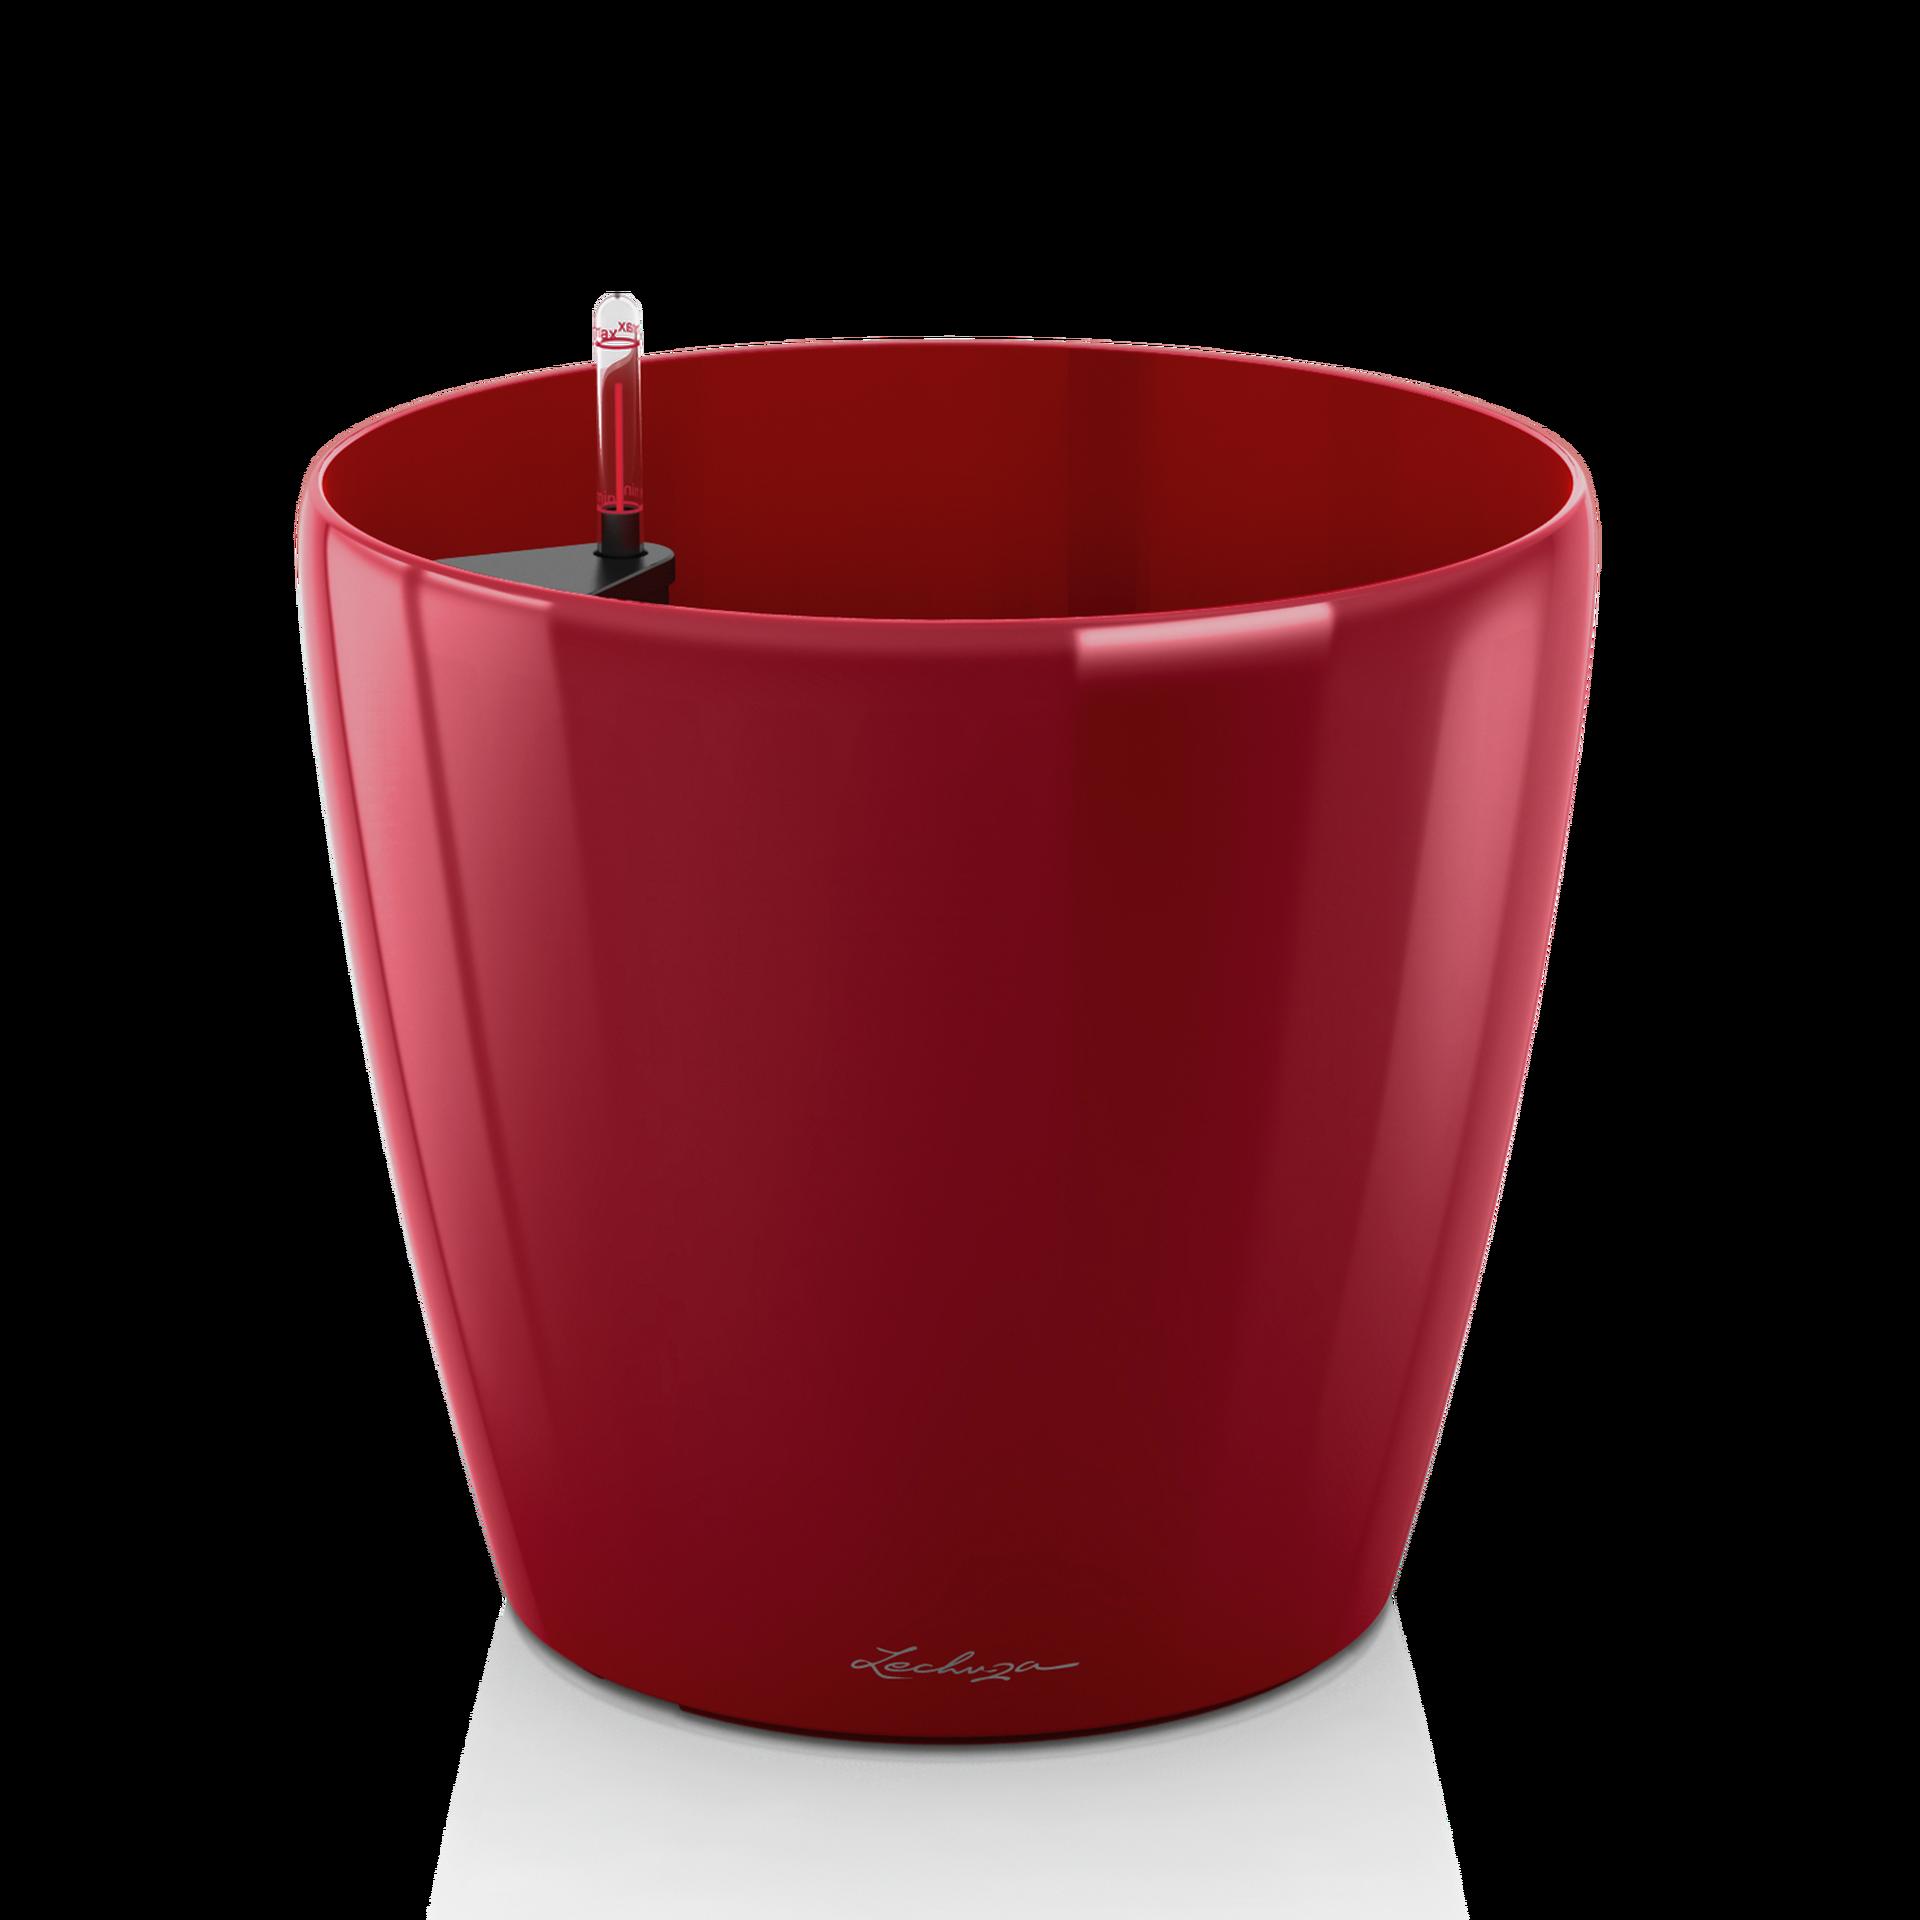 CLASSICO 70 Ярко-красный блестящий